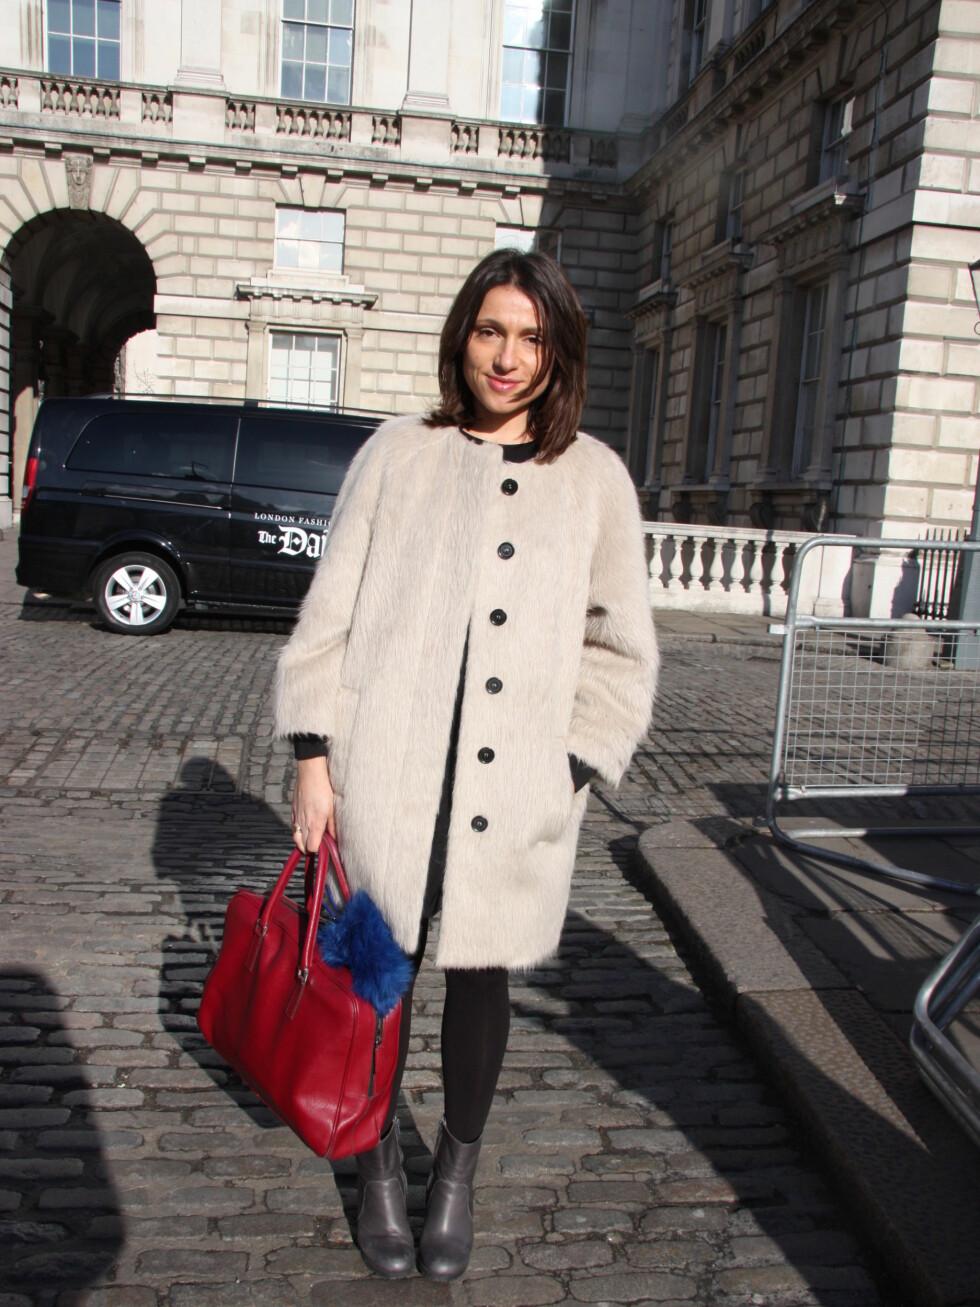 Saviana (31)har på seg jakke fra MSGM, kjole fra Acne og sko fra Prada.  Foto: Tone Ra Pedersen